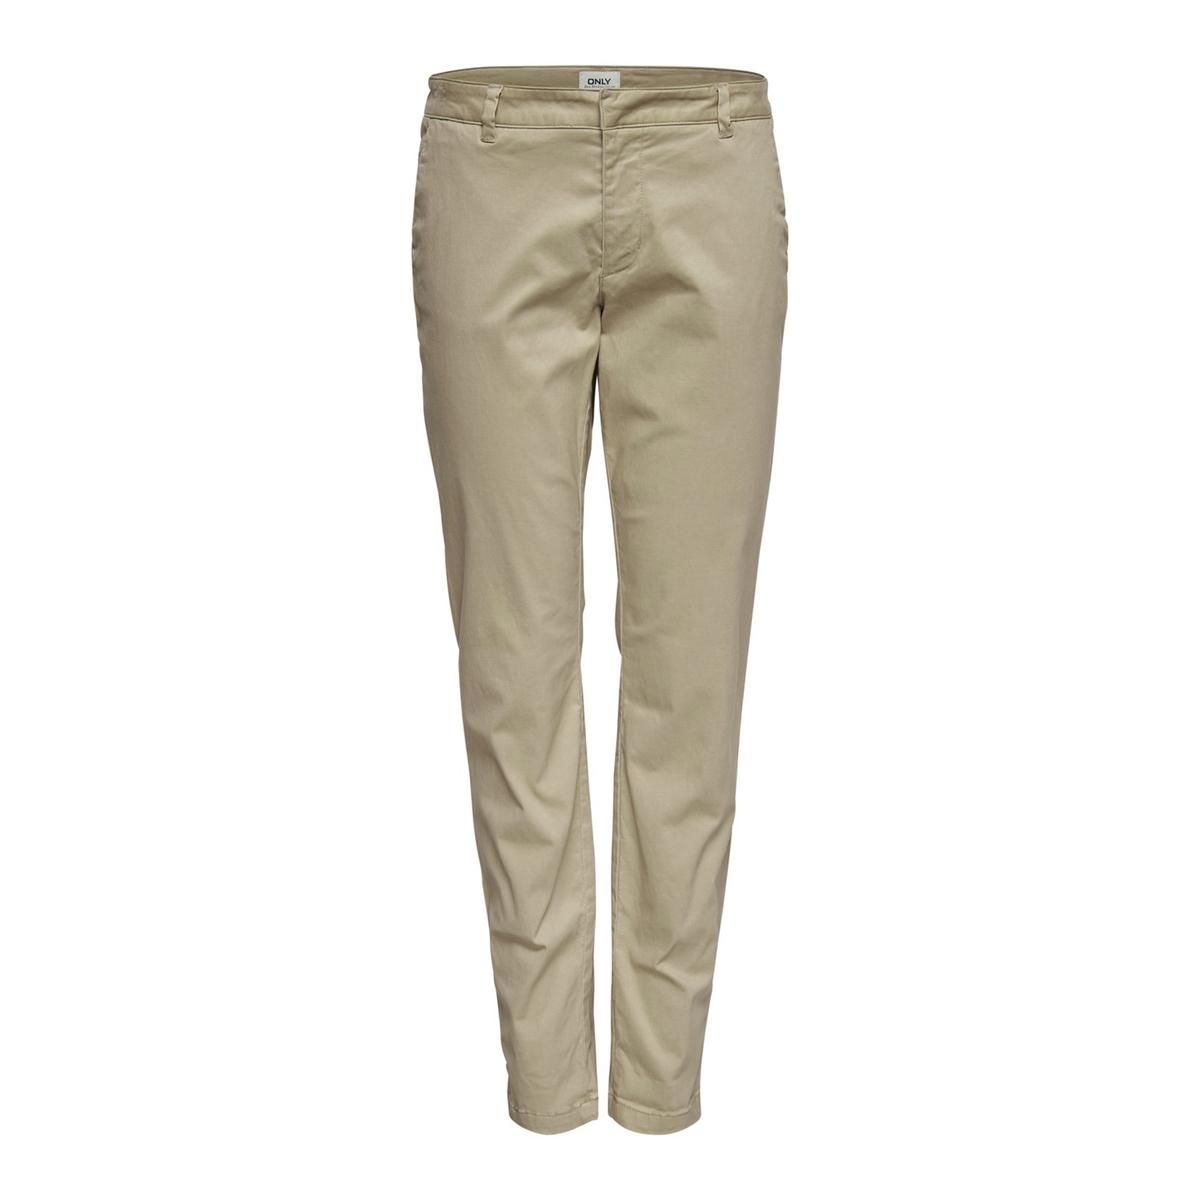 Calças chino, modelo direito, comprimento 32